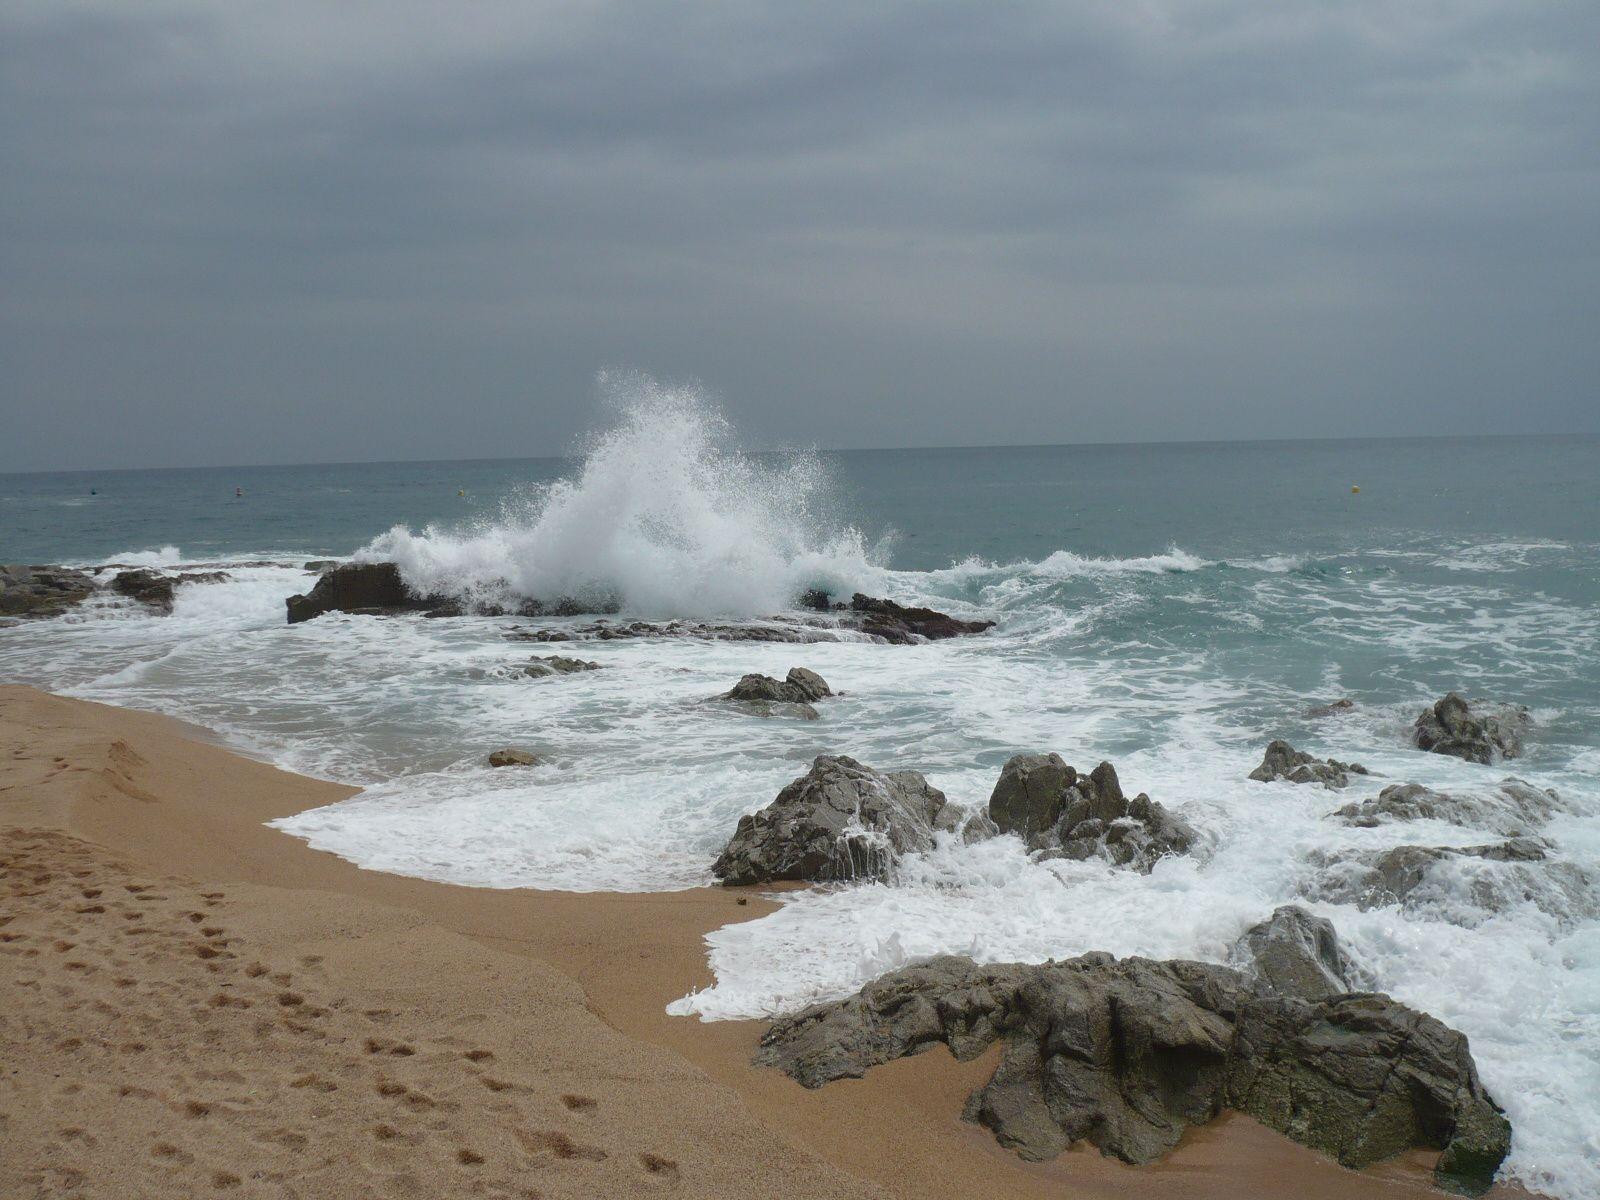 La mer en colère nous offre de belles vagues.